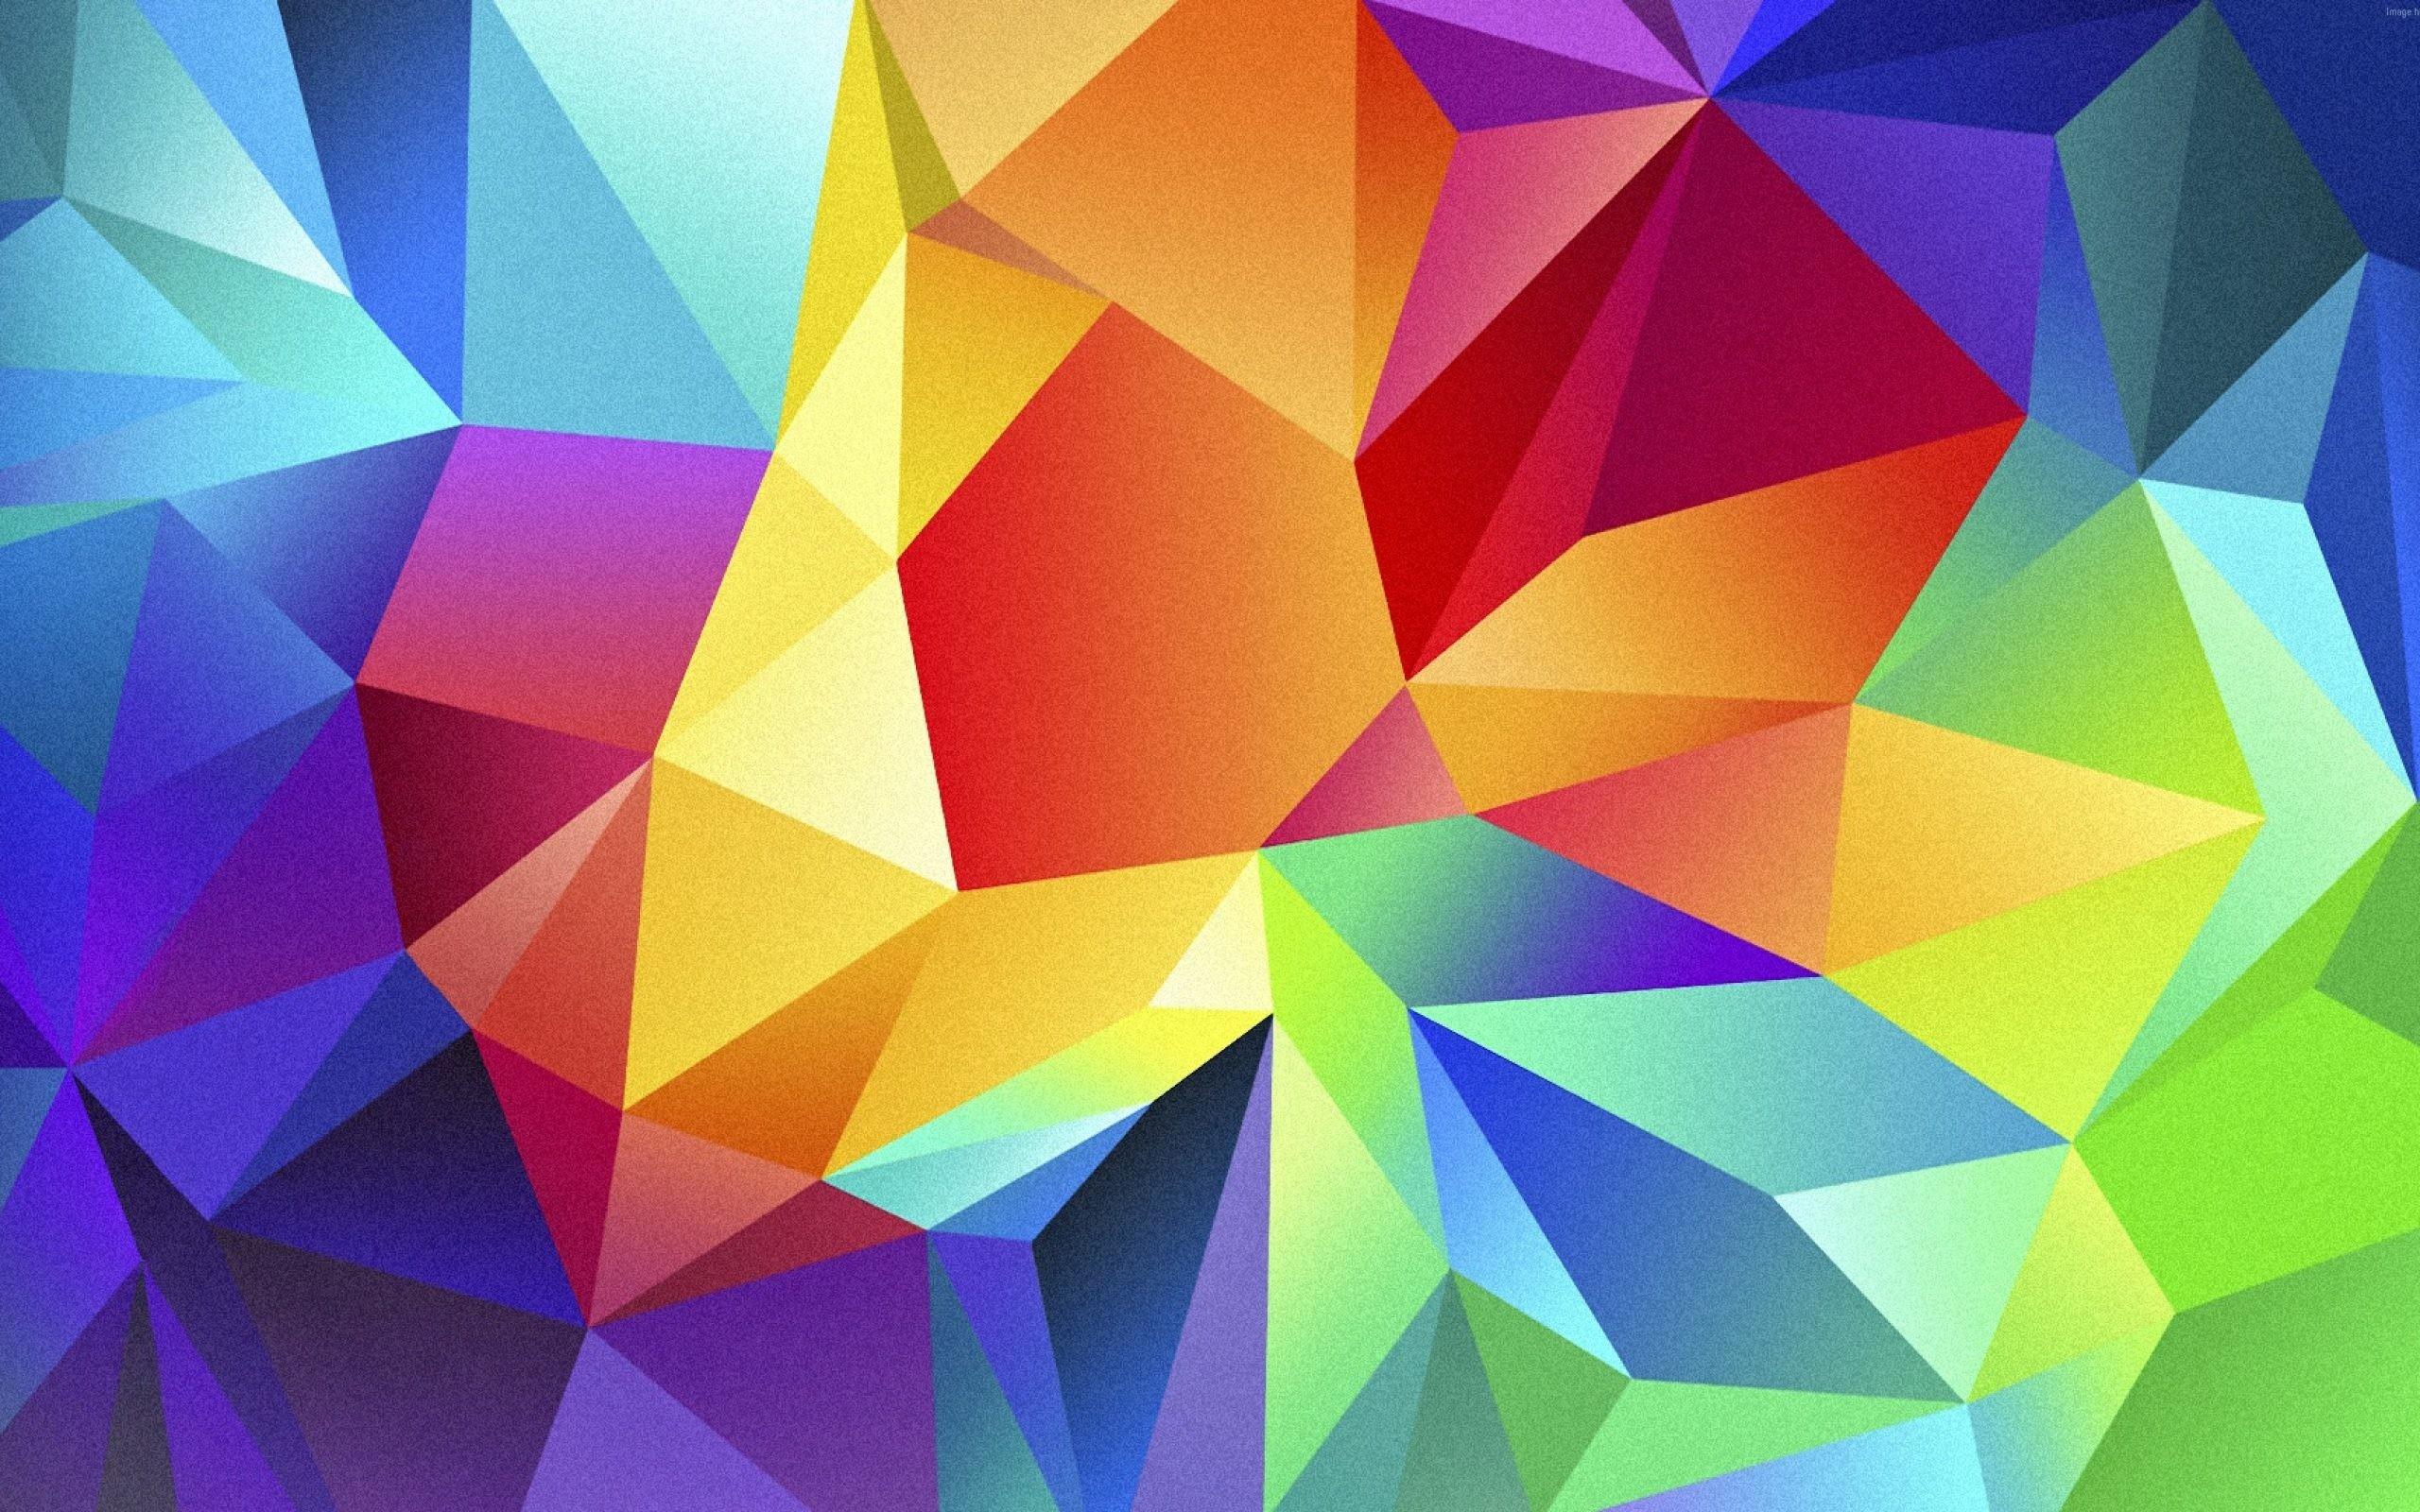 Geometric Desktop Wallpaper 61 Images